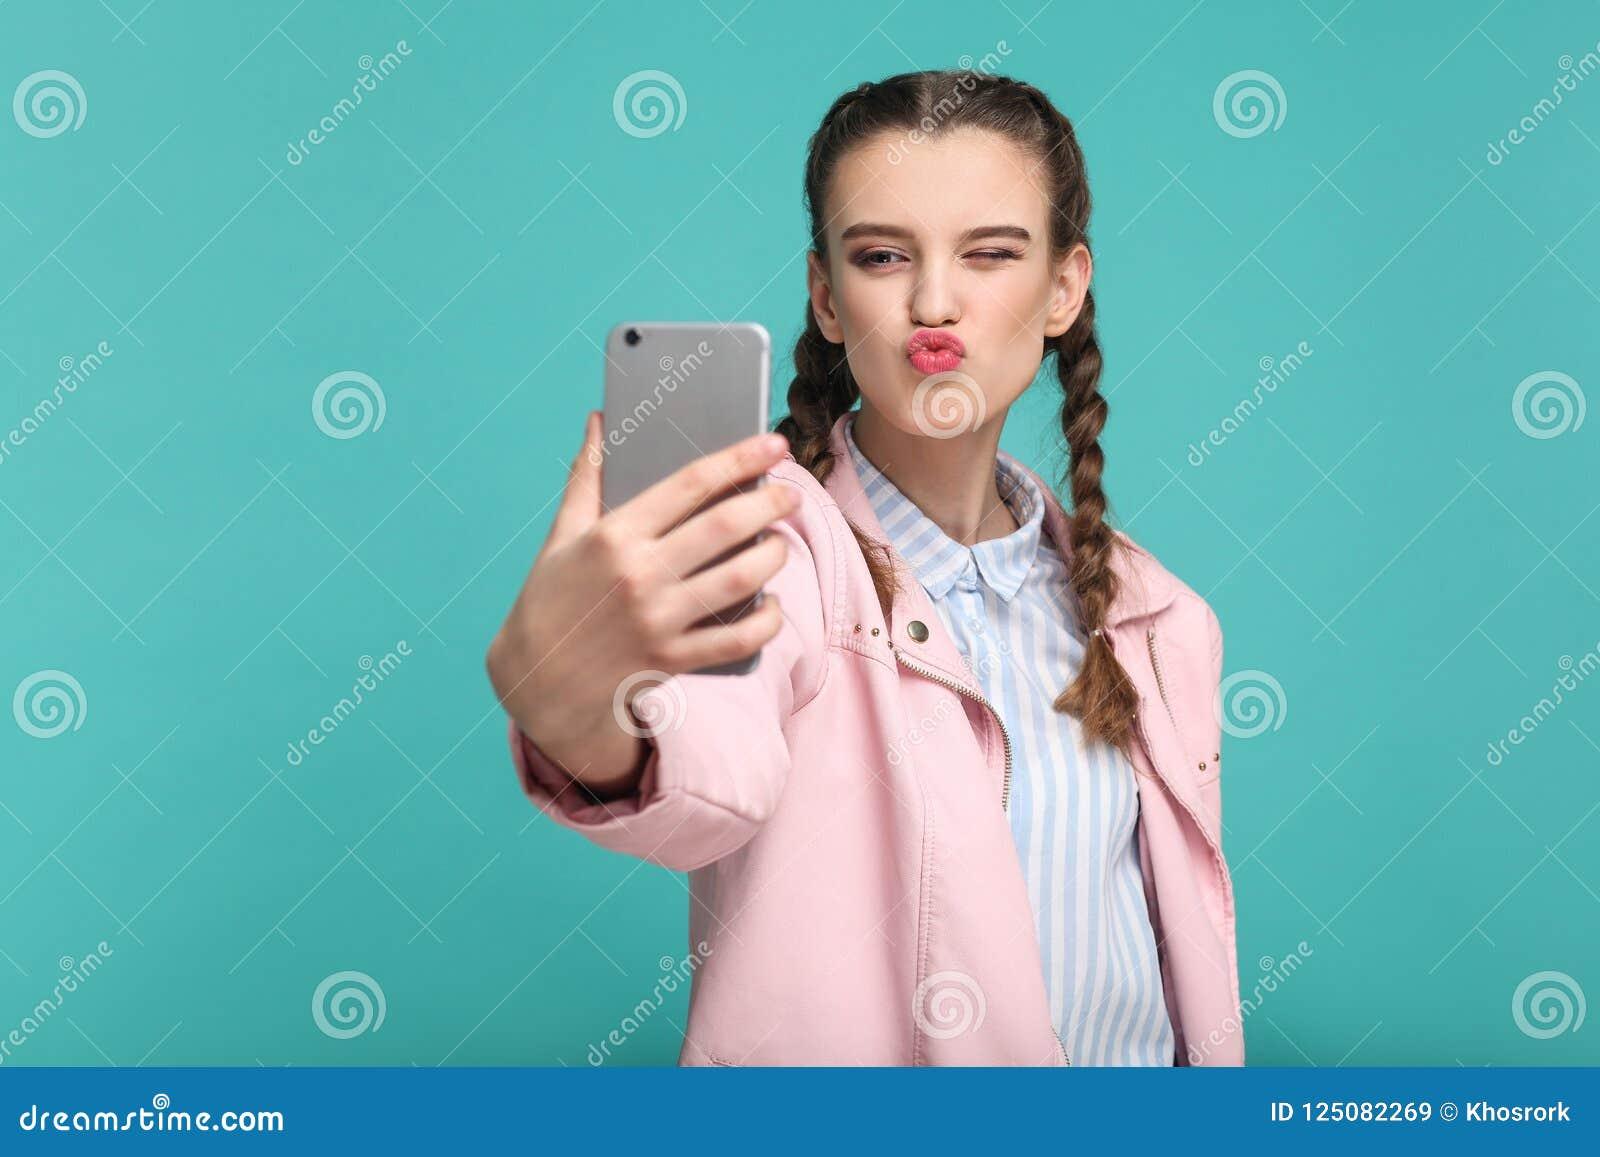 Όμορφο κορίτσι σε περιστασιακό ή hipster το ύφος, πλεξίδα hairstyle, ST